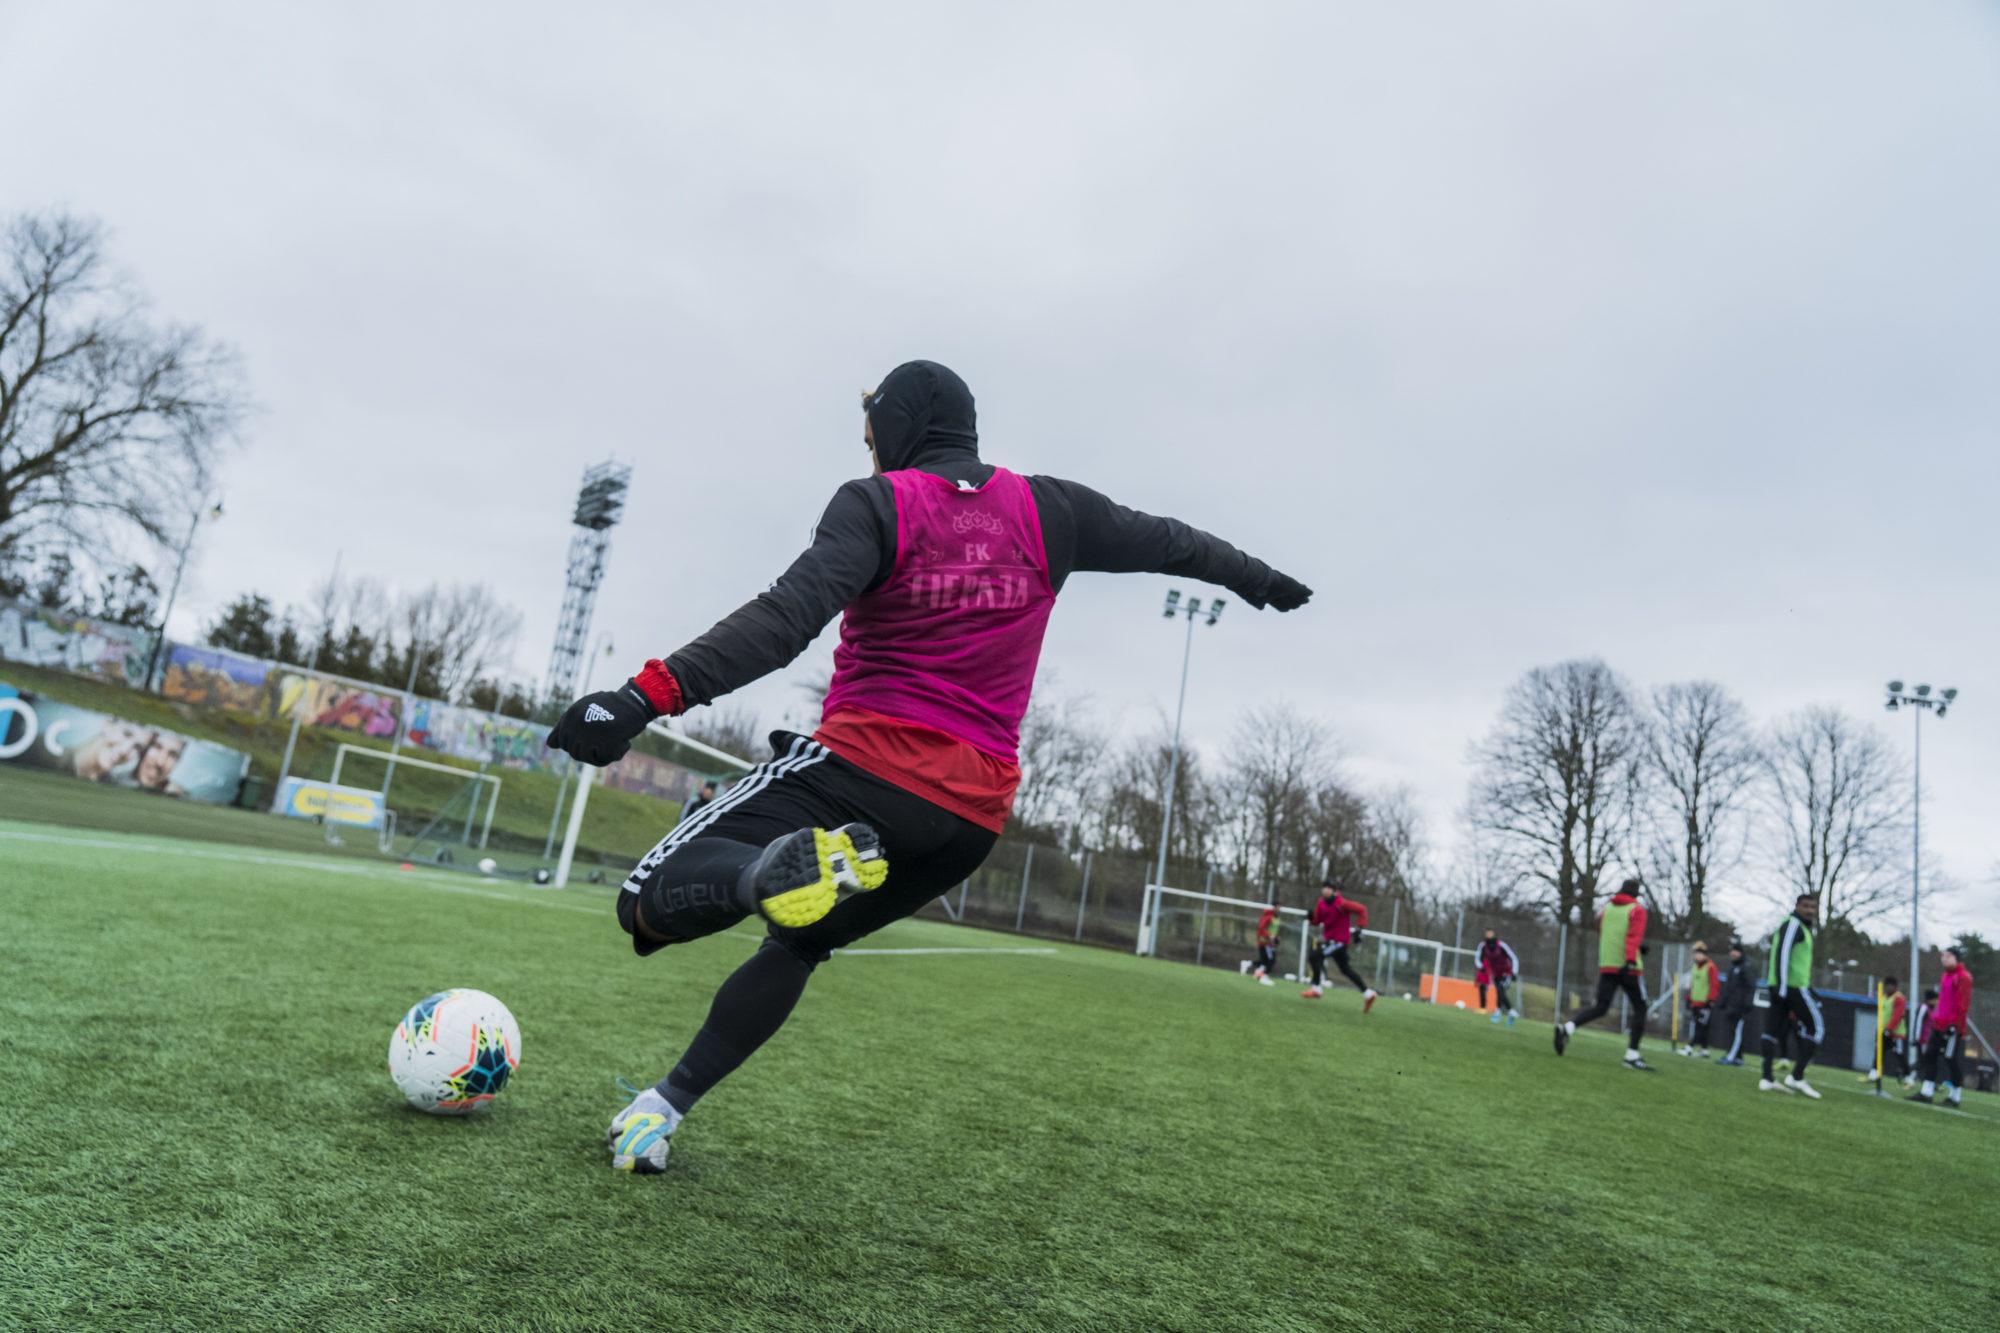 Футболисты тренируются на стадионе «Олимпия»